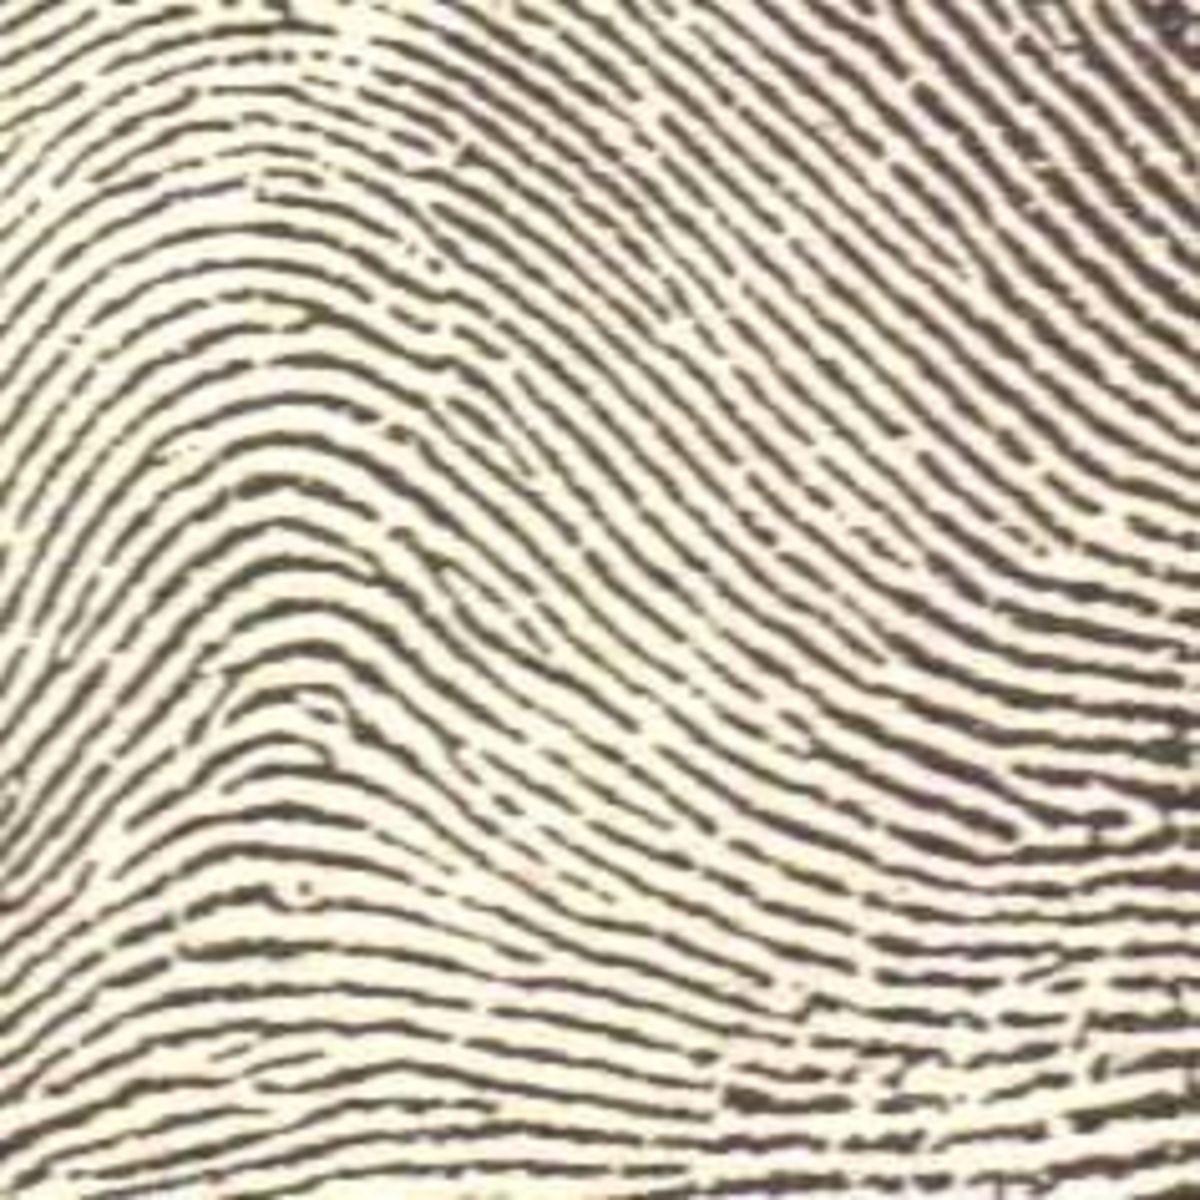 fingerprinting-2